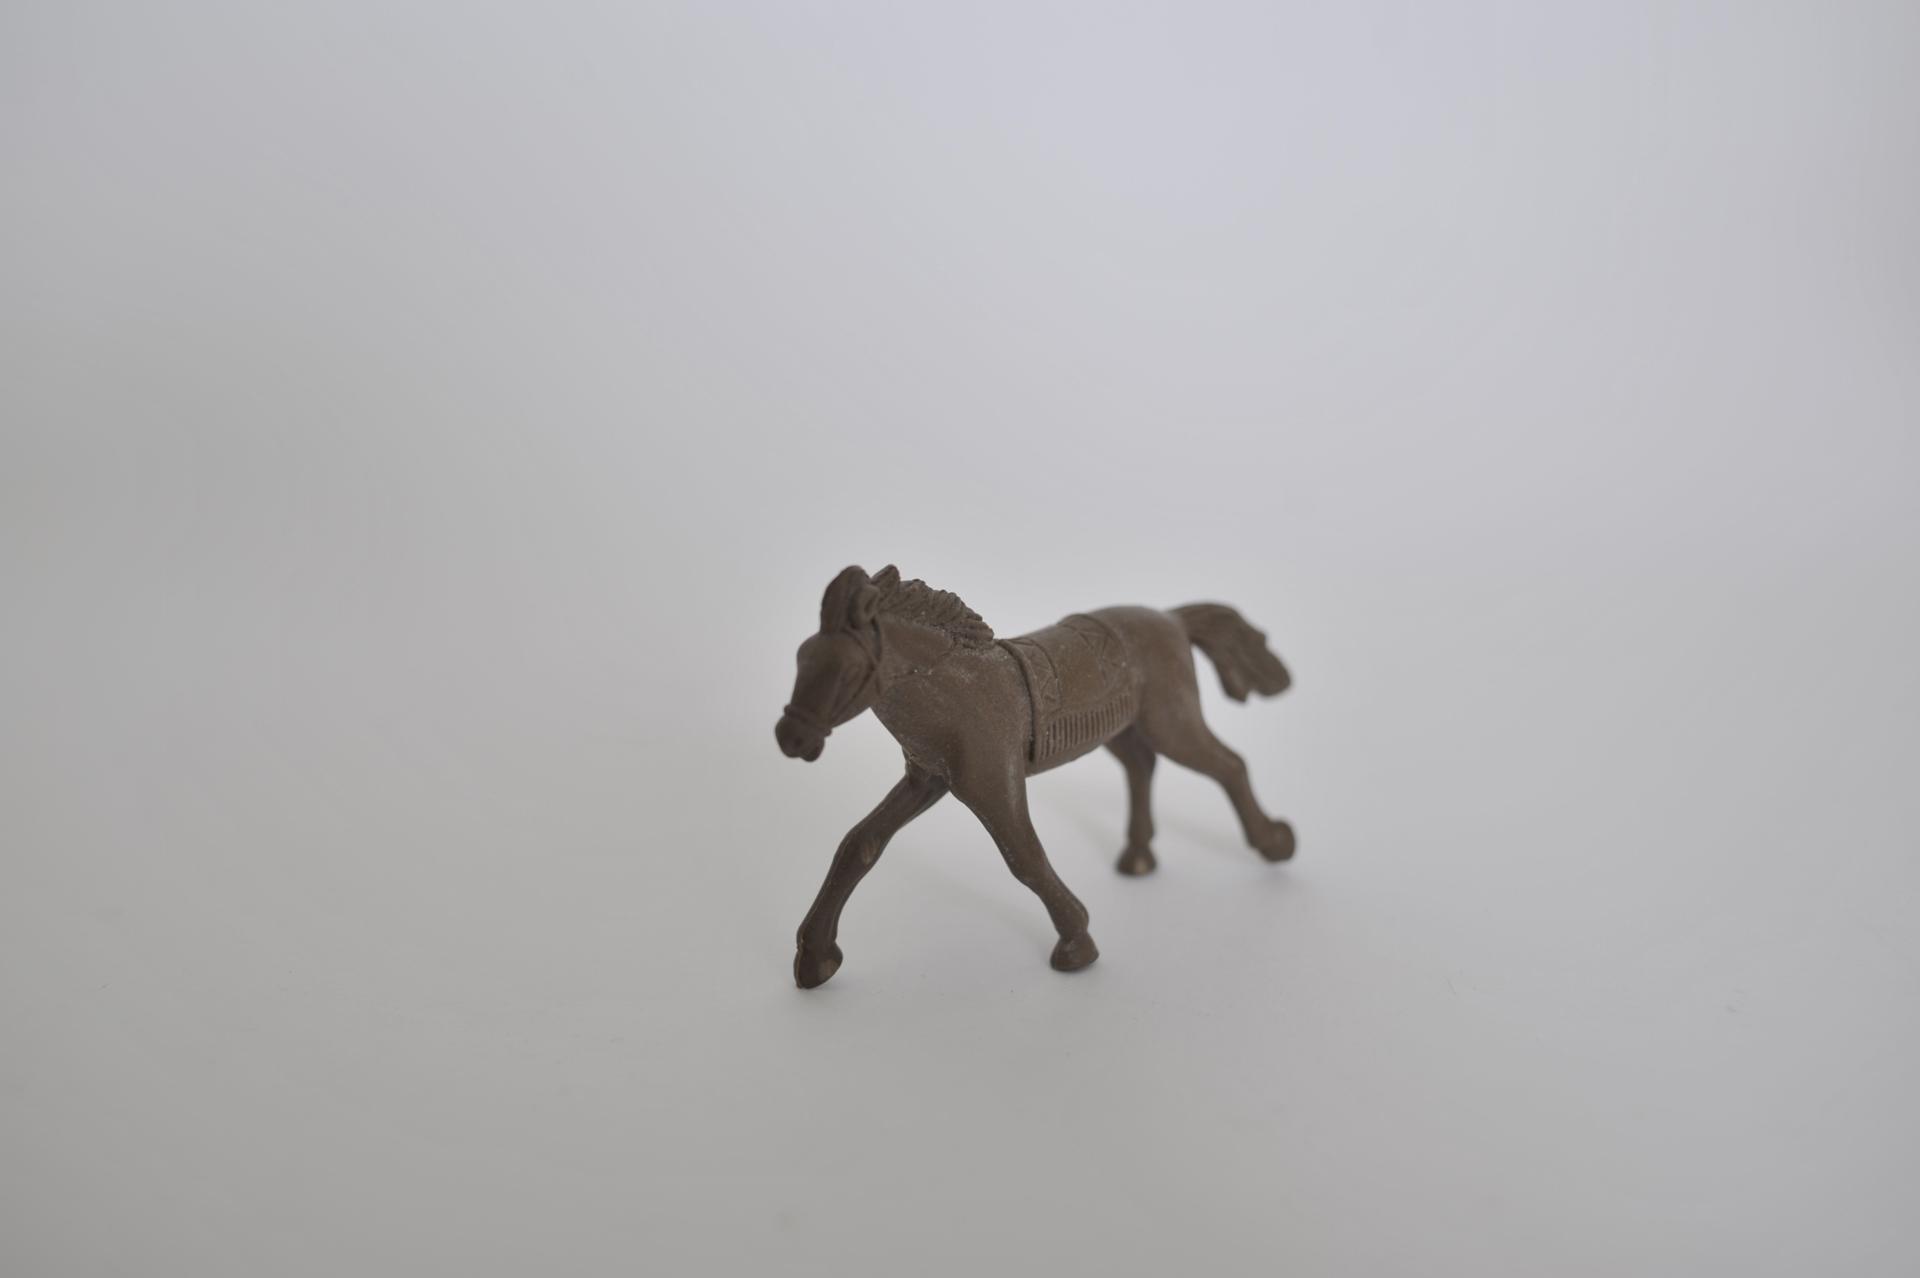 88. cavallo, giocattolo